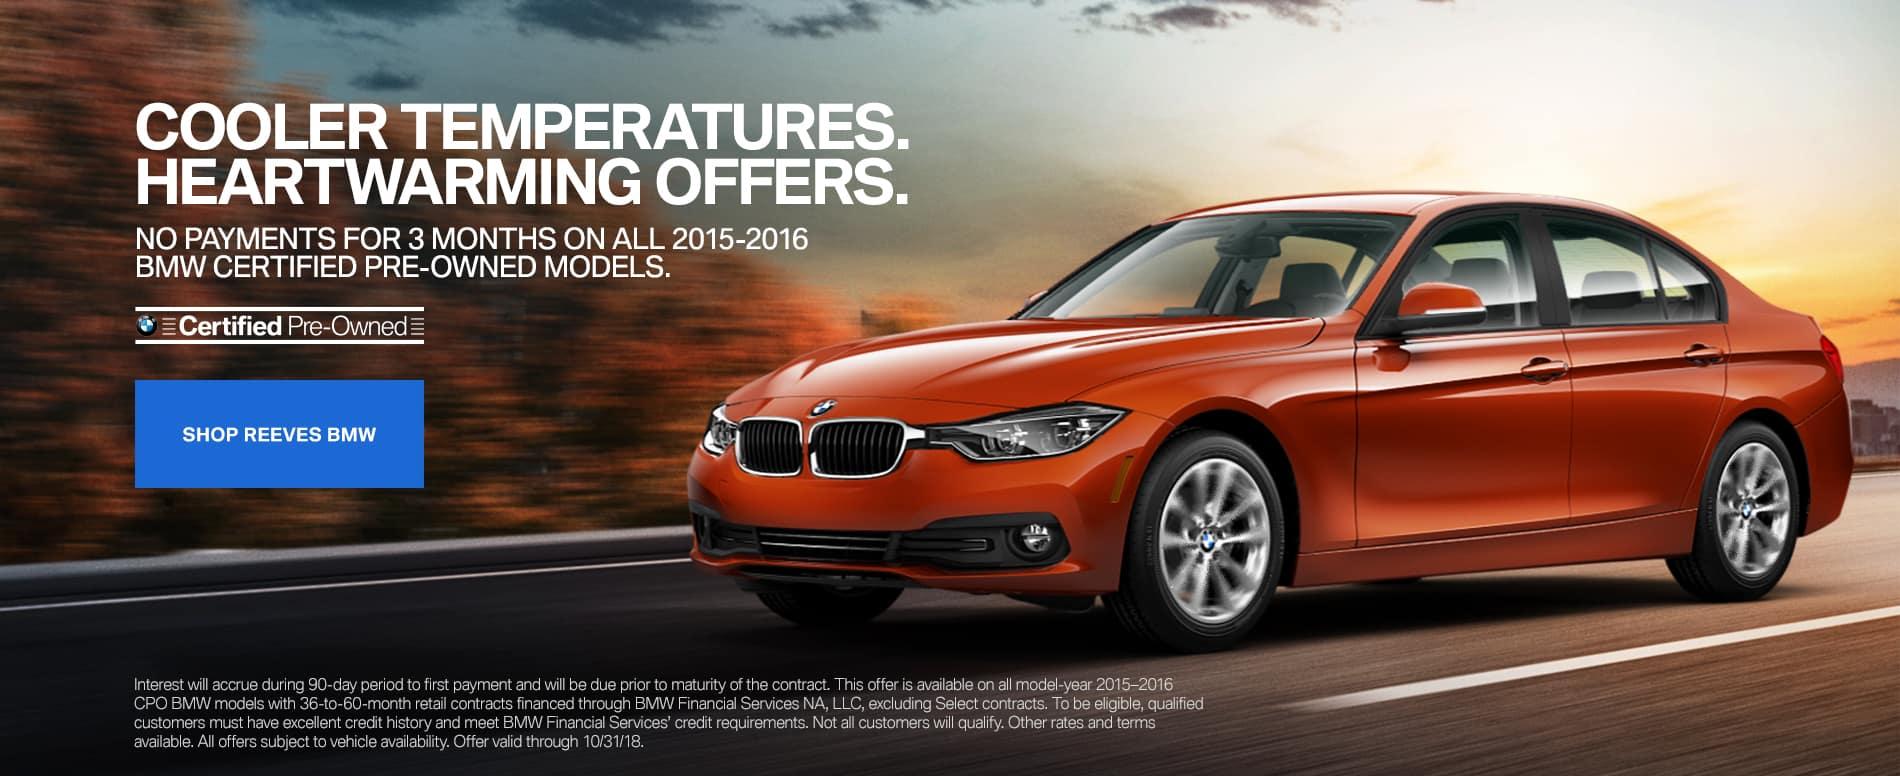 BMW CPO September Offer